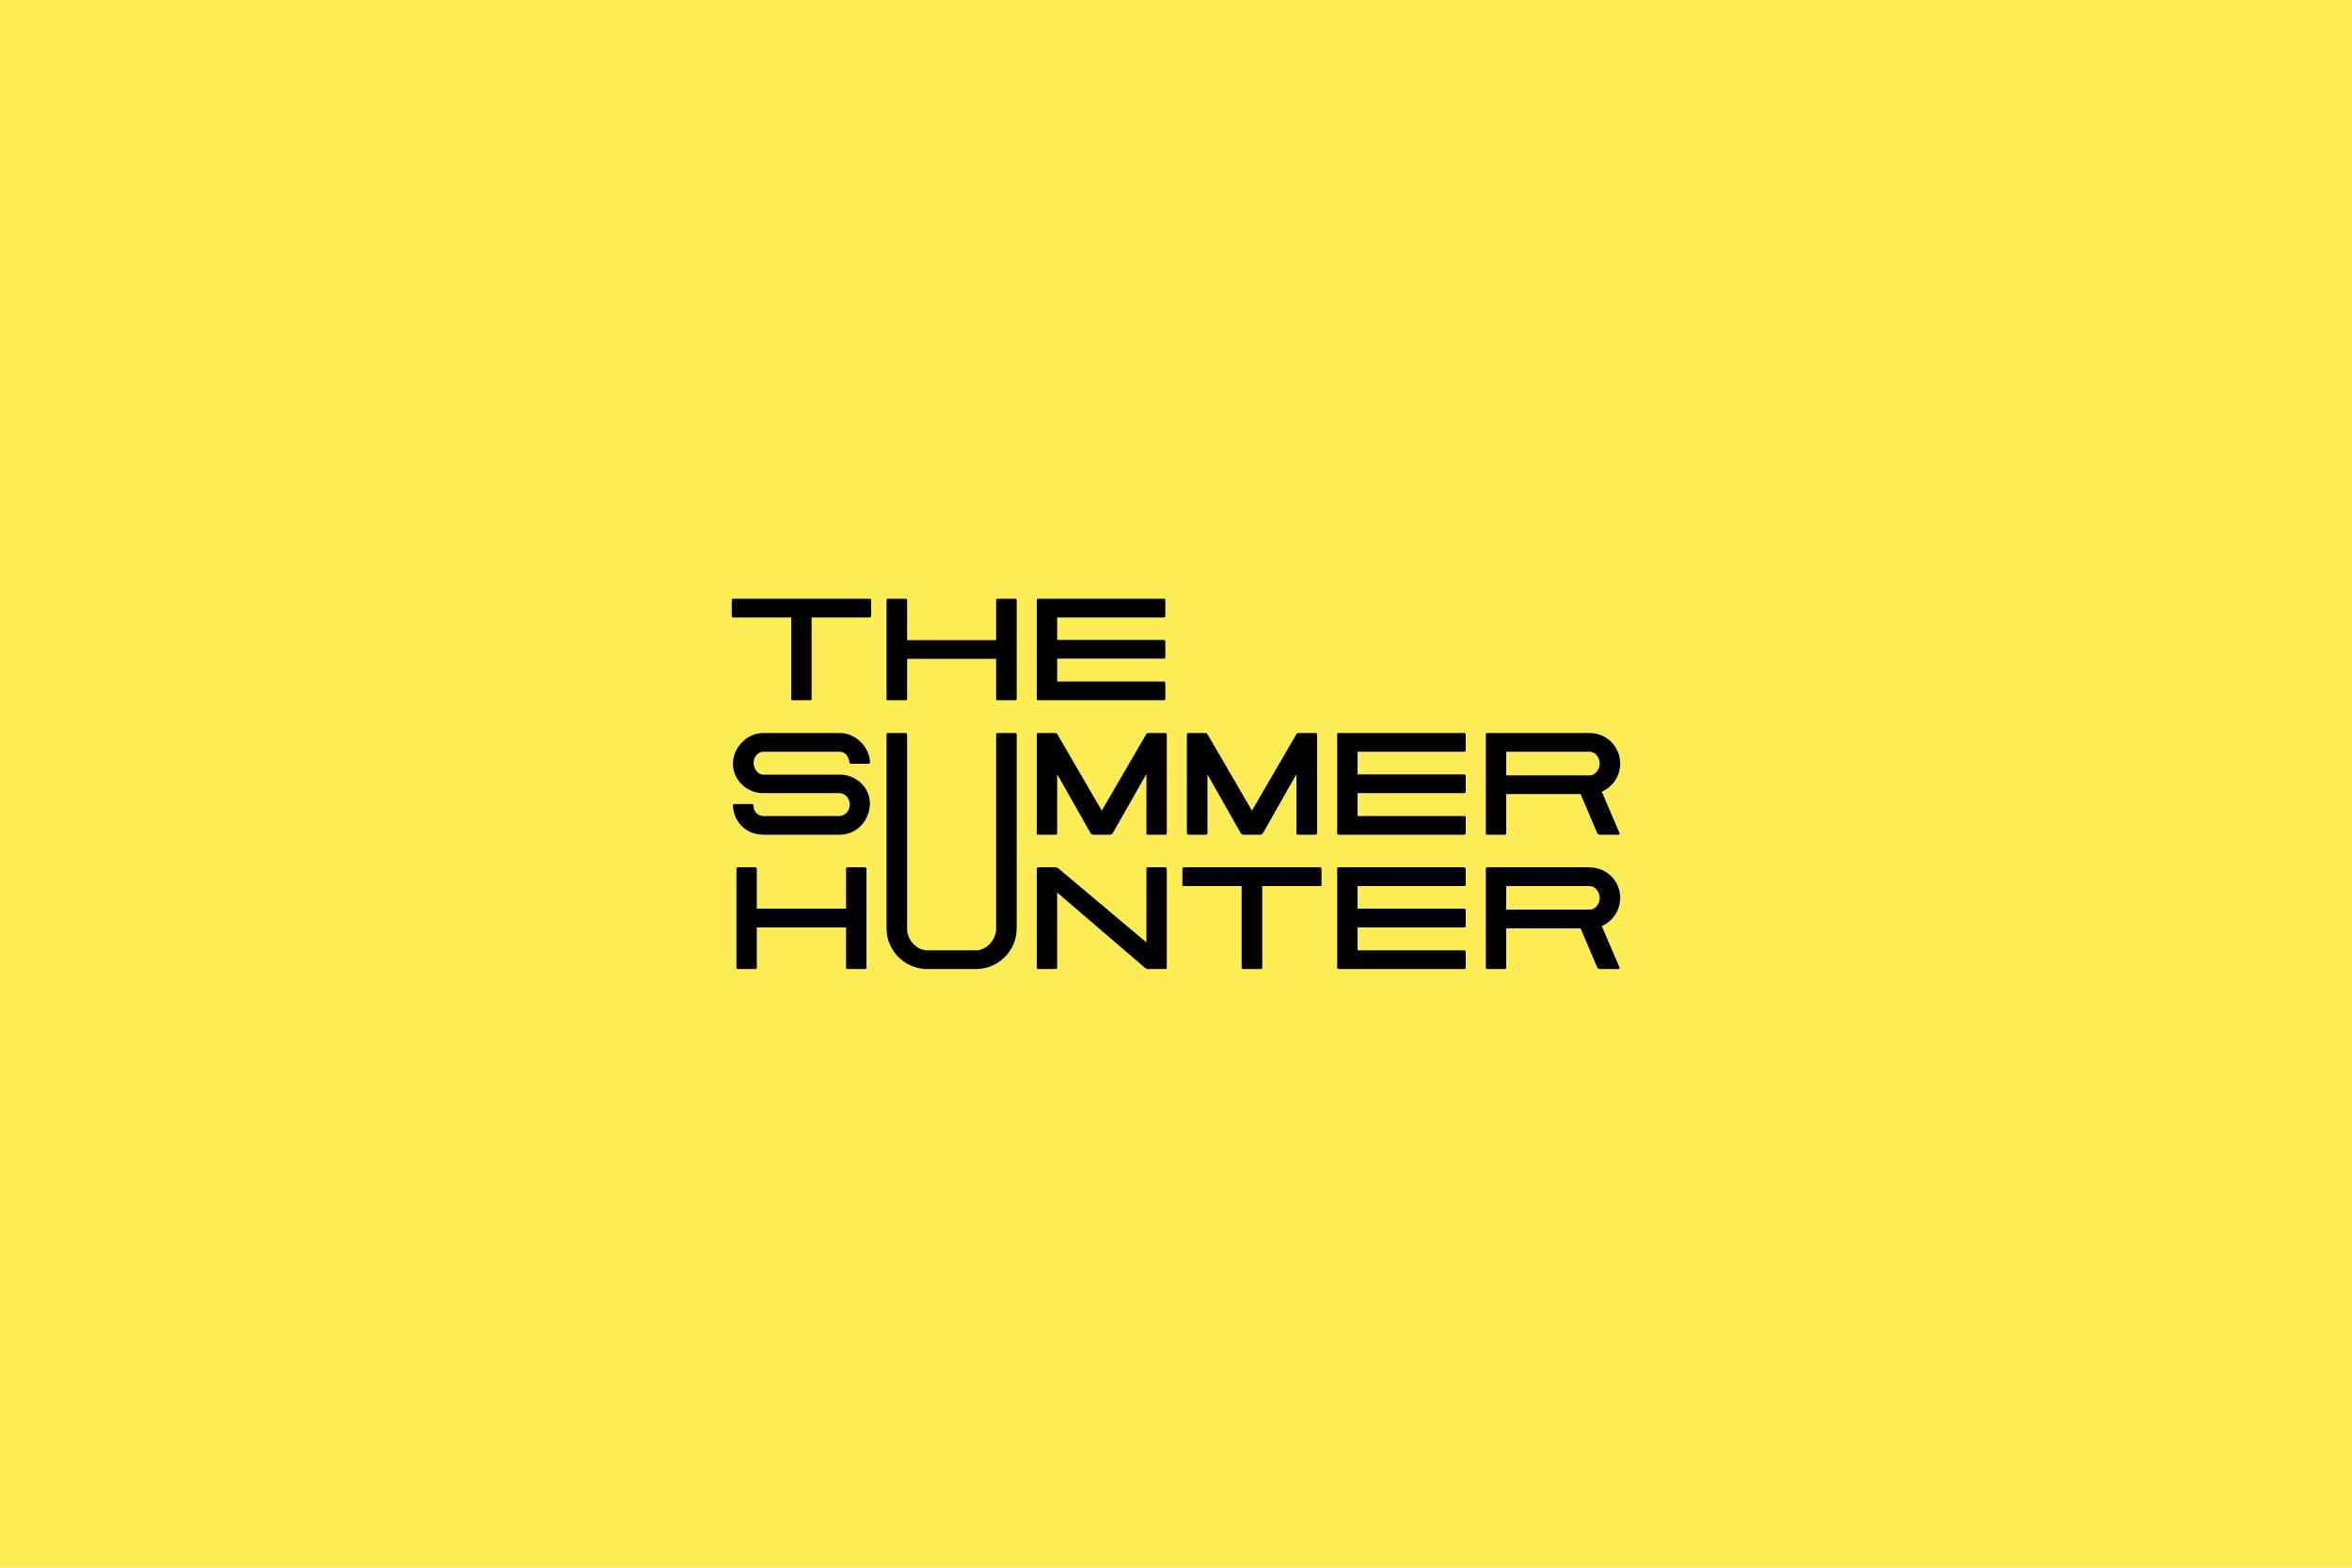 The Summer Hunter